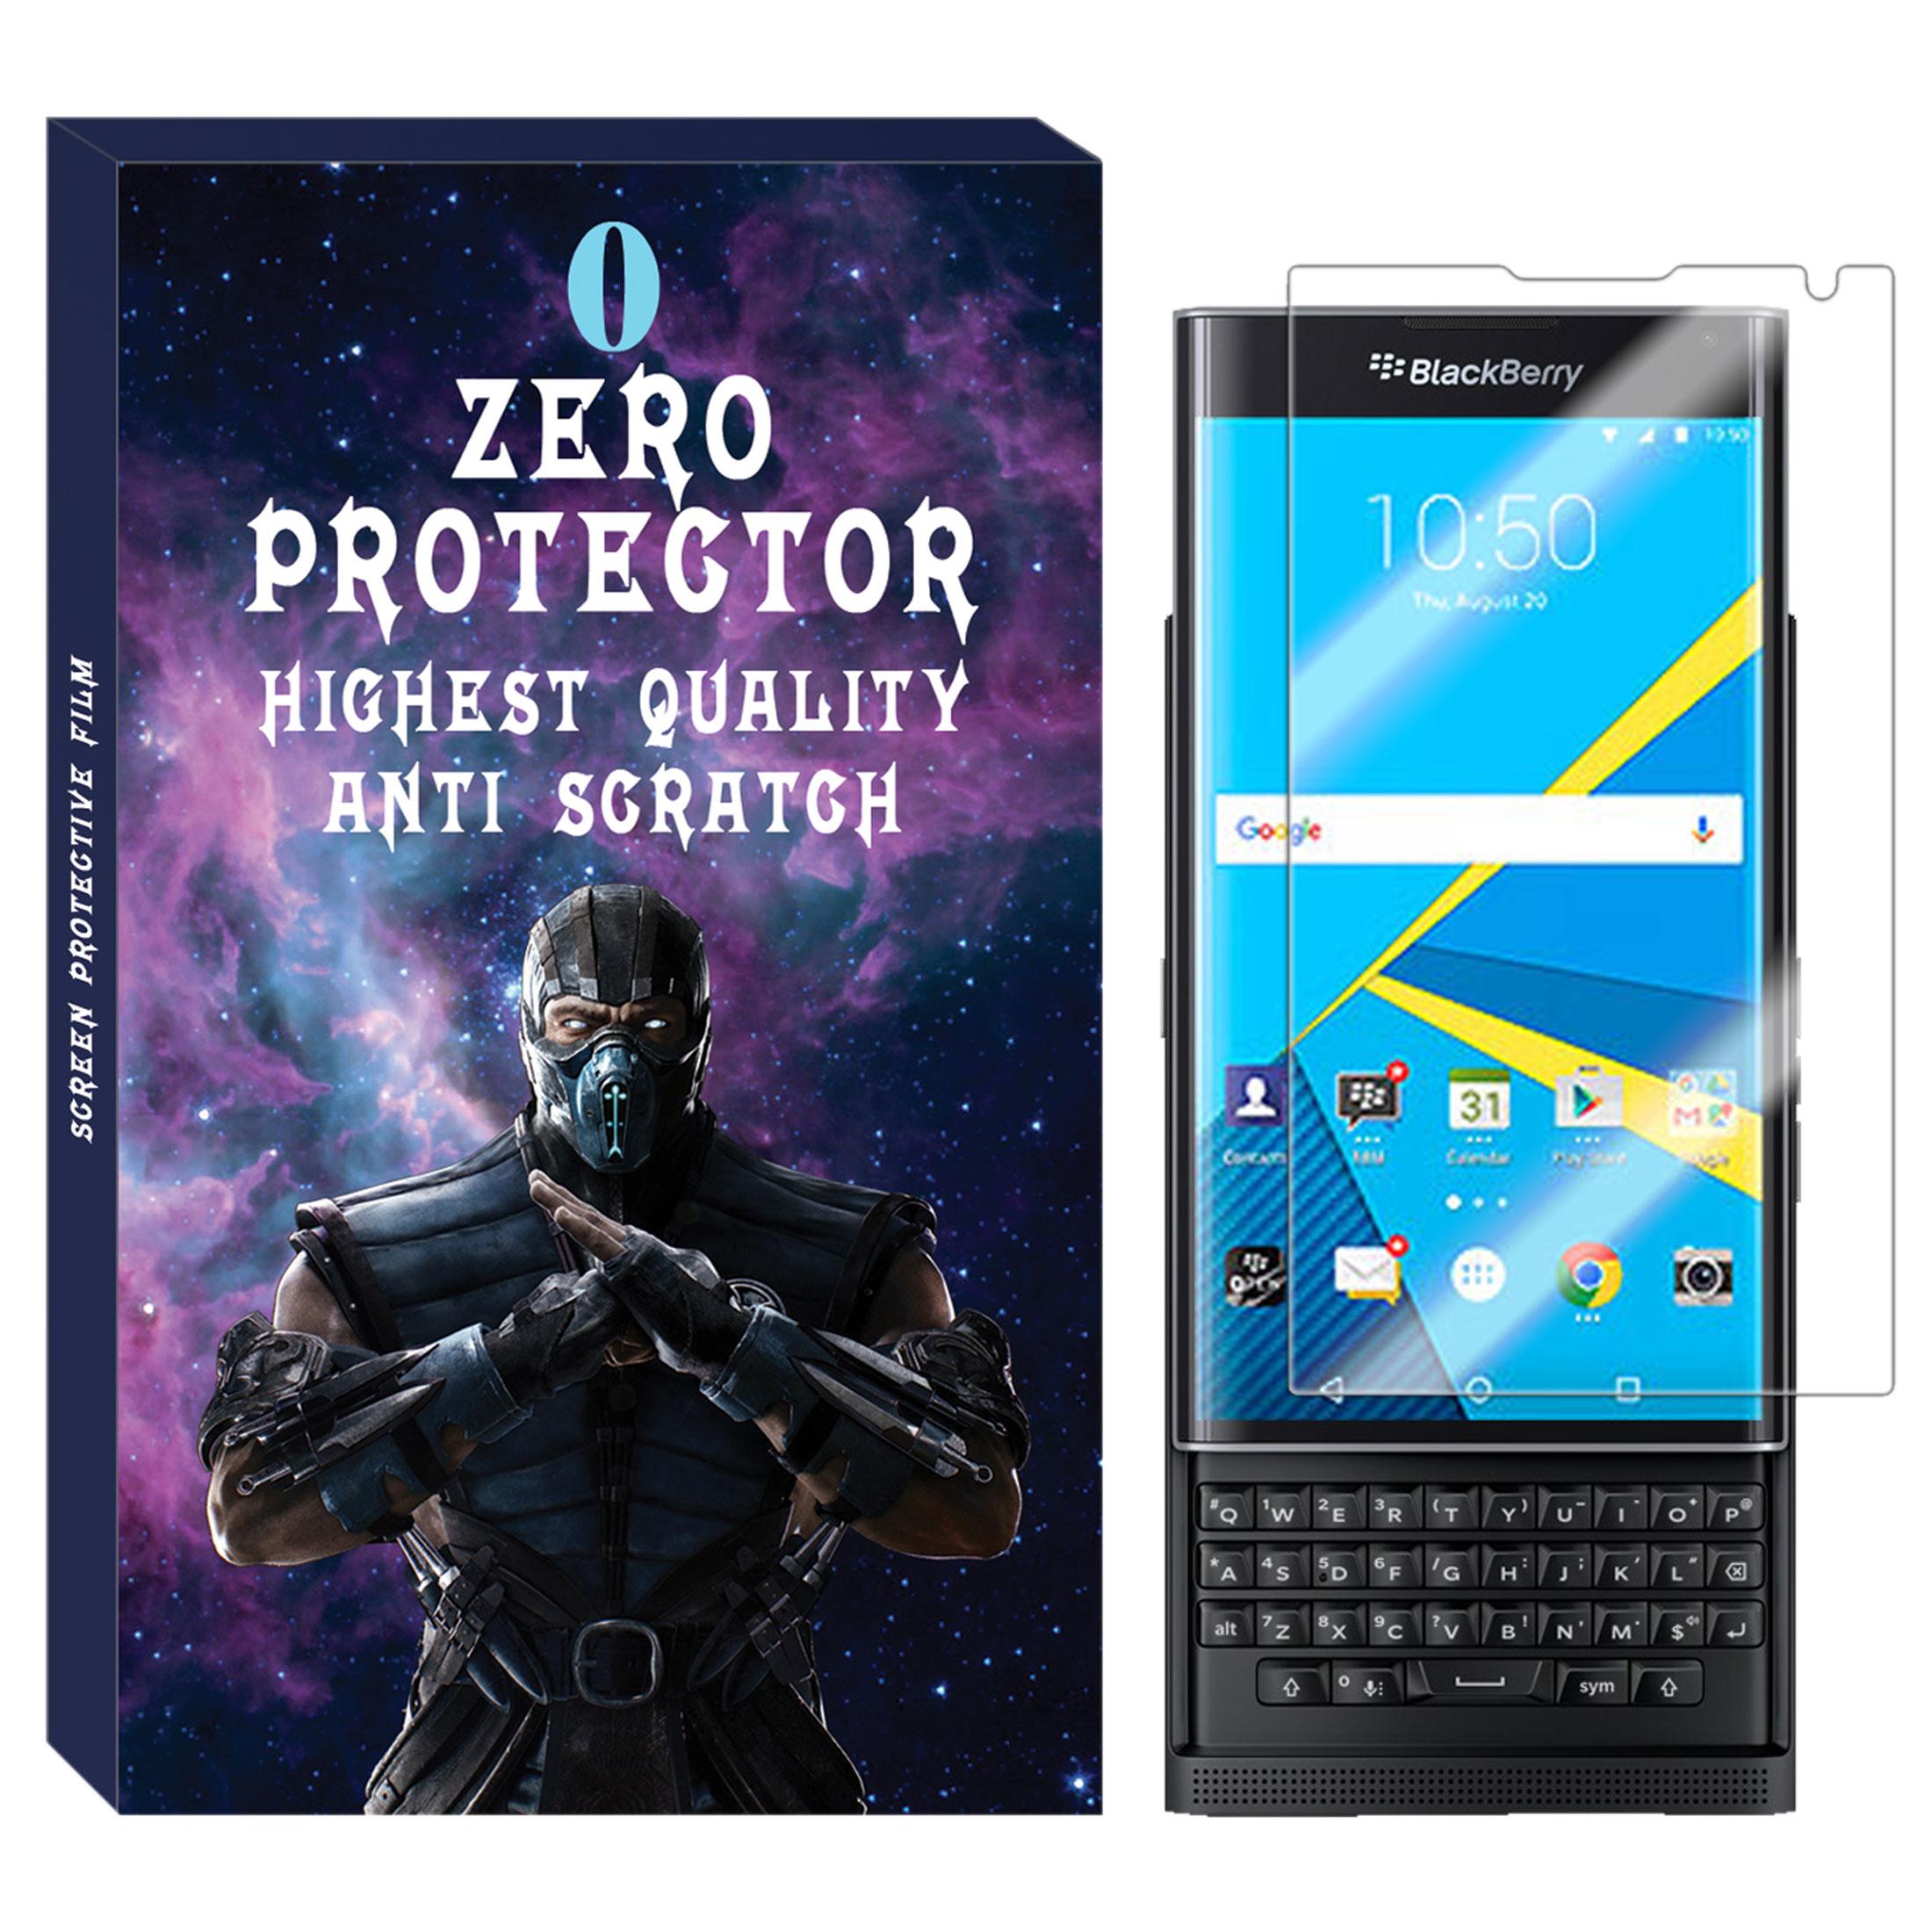 محافظ صفحه نمایش زیرو مدل SDZ-01 مناسب برای گوشی موبایل بلک بری Priv